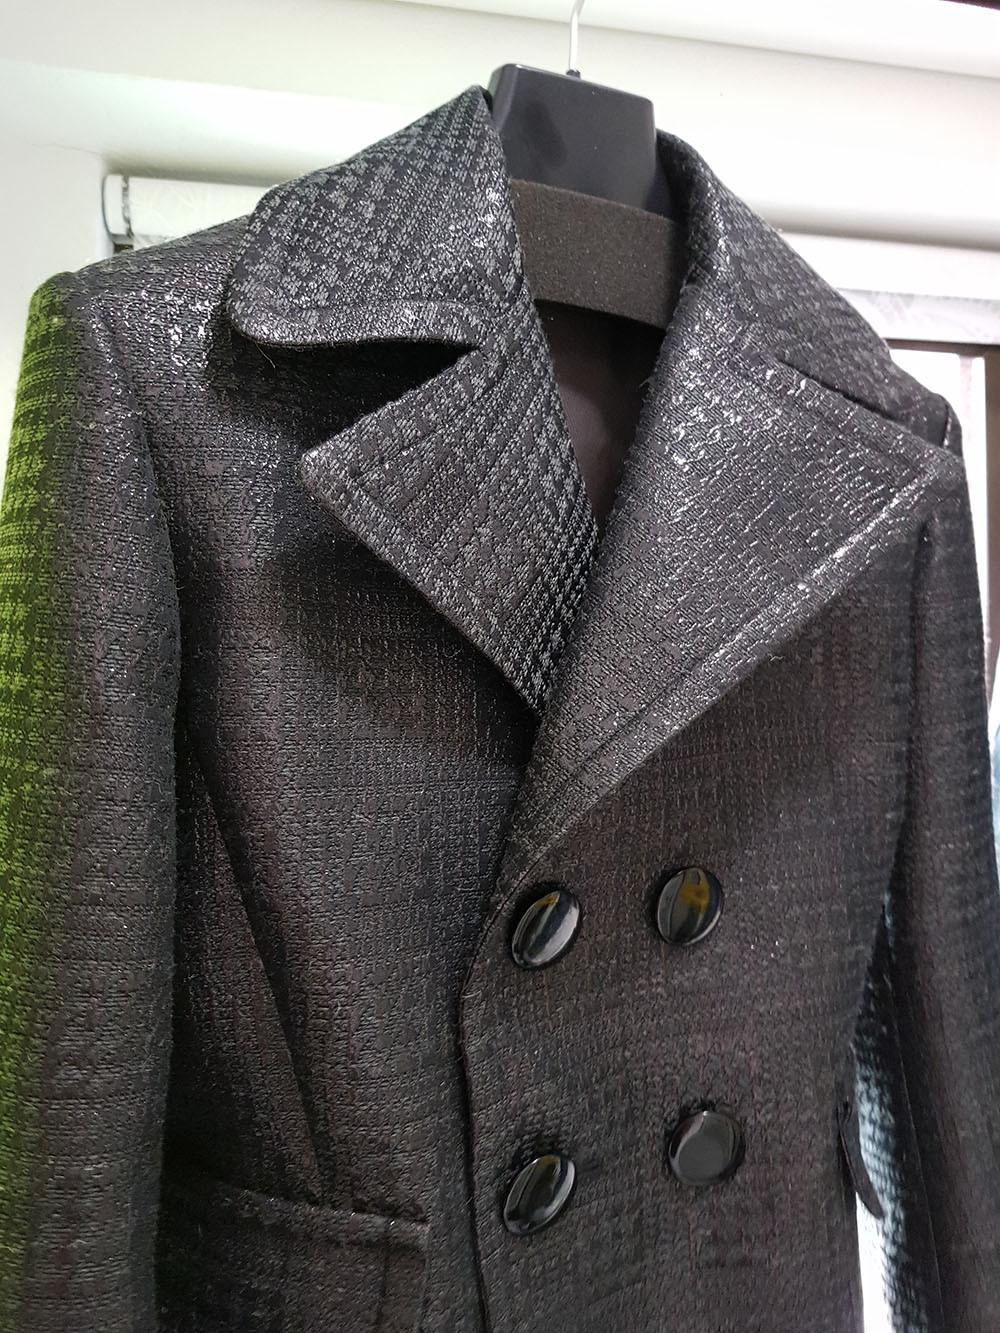 ผลงานเสื้อผ้าผู้เรียน เสื้อแจ็คเก็ตสูทป้ายบุรุษกระดุมสองแถว